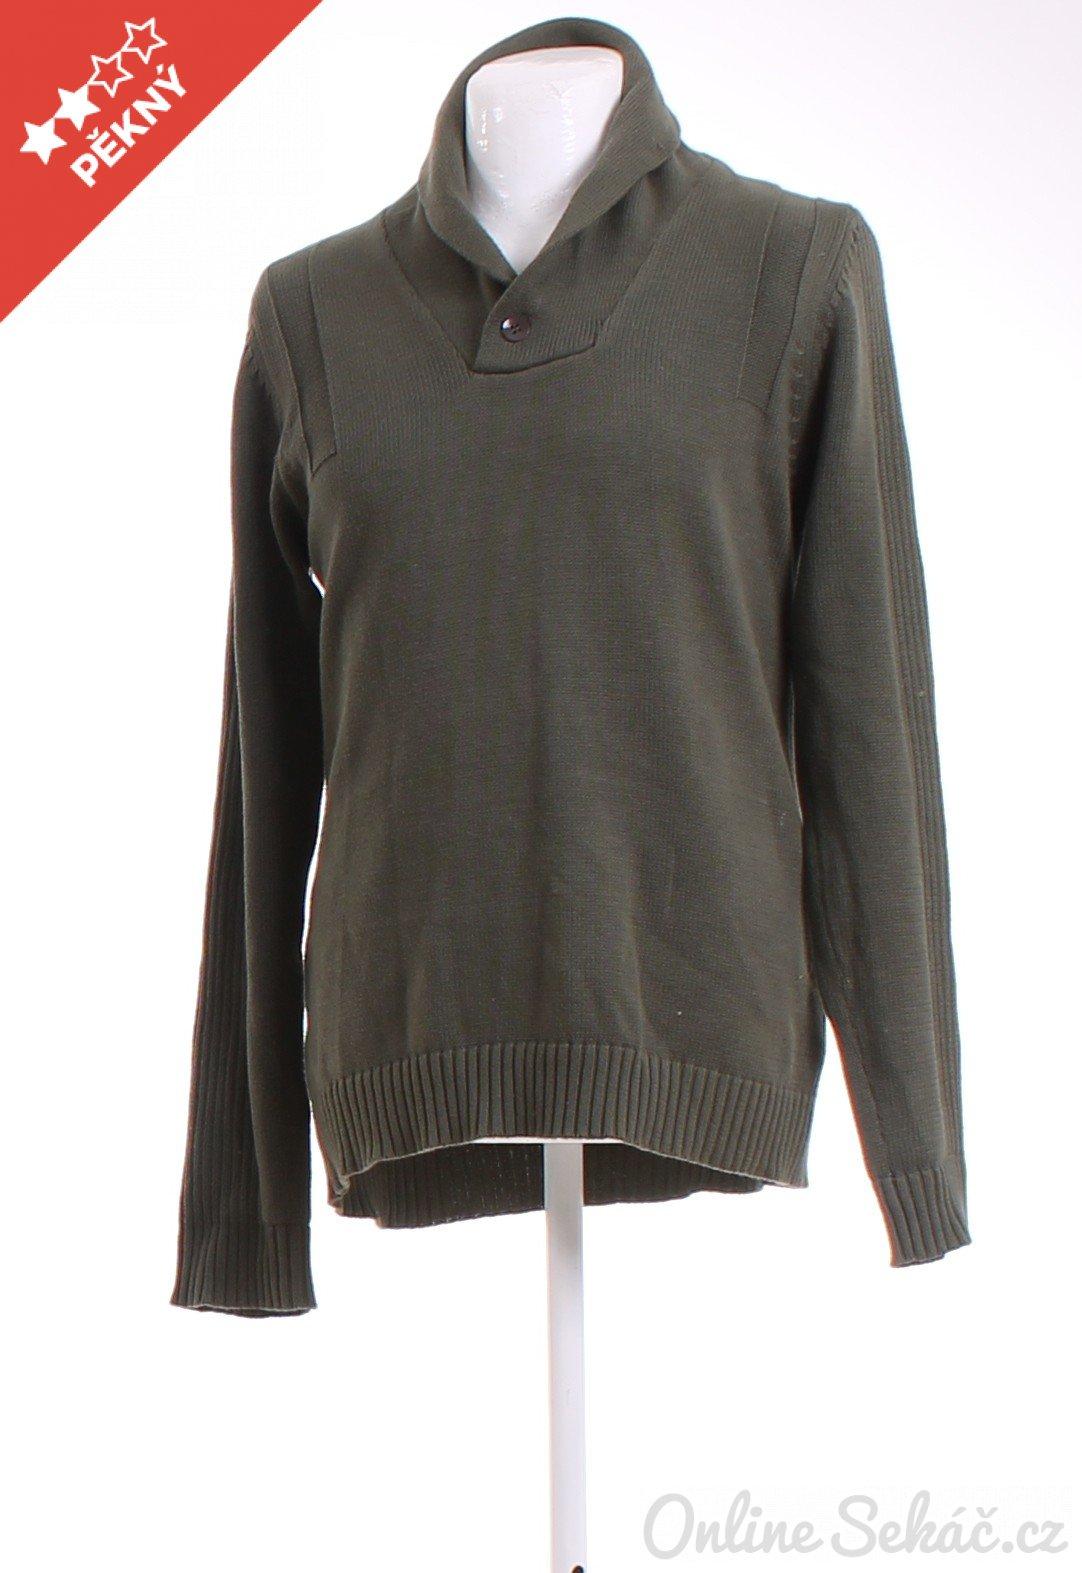 Second hand - Vzor  JEDNOBAREVNÝ   Pánský zimní svetr JEANS CLOTHES ... 83b8dcd1d8